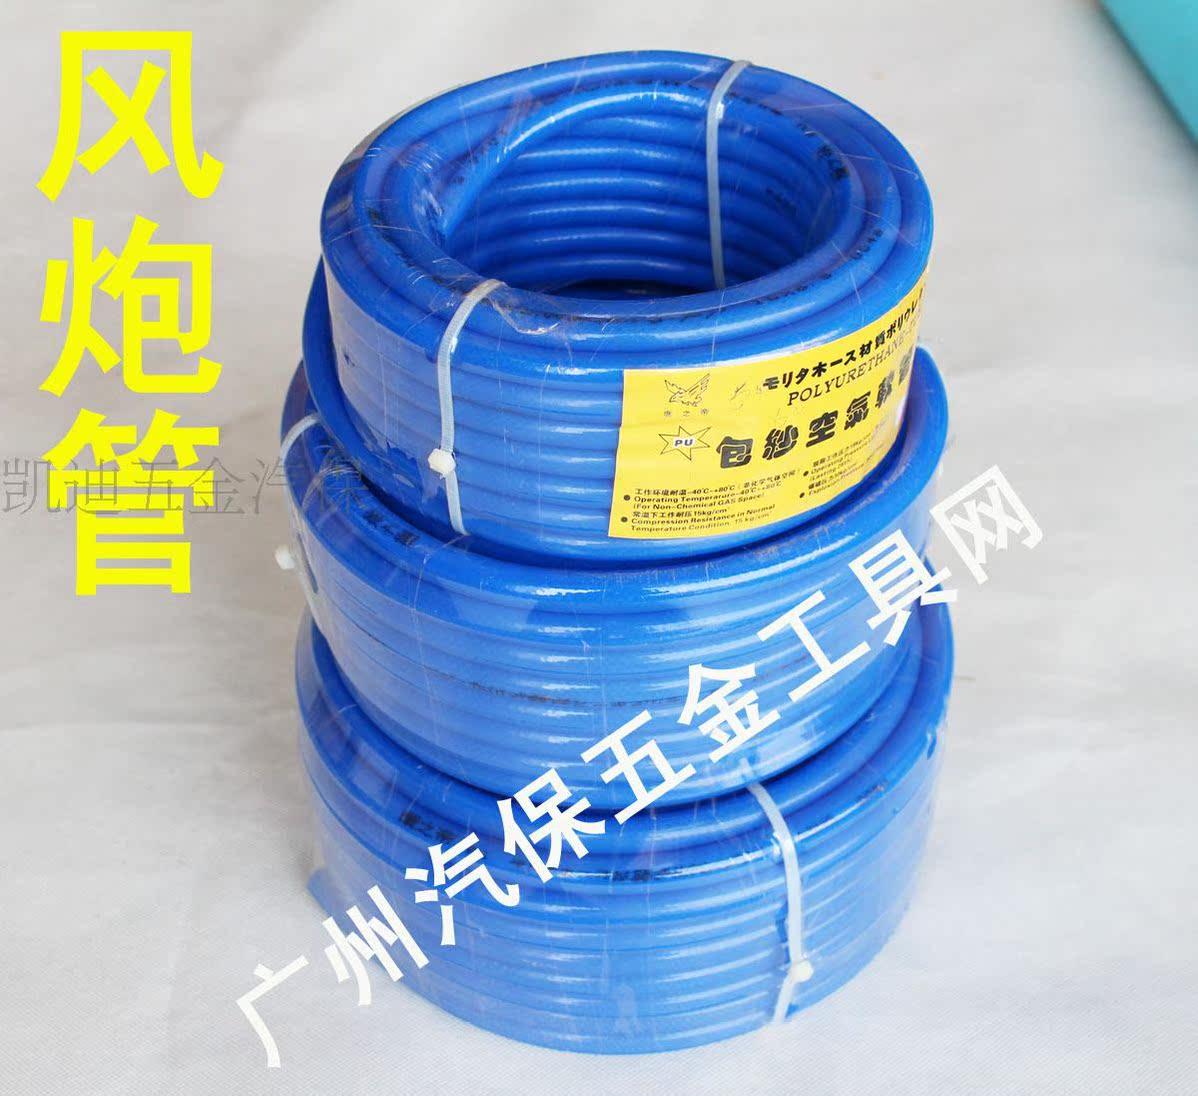 Тайвань импорта пневматические трубки захвата пу шланг трубы Ветер шпульки Ветер труба замораживания